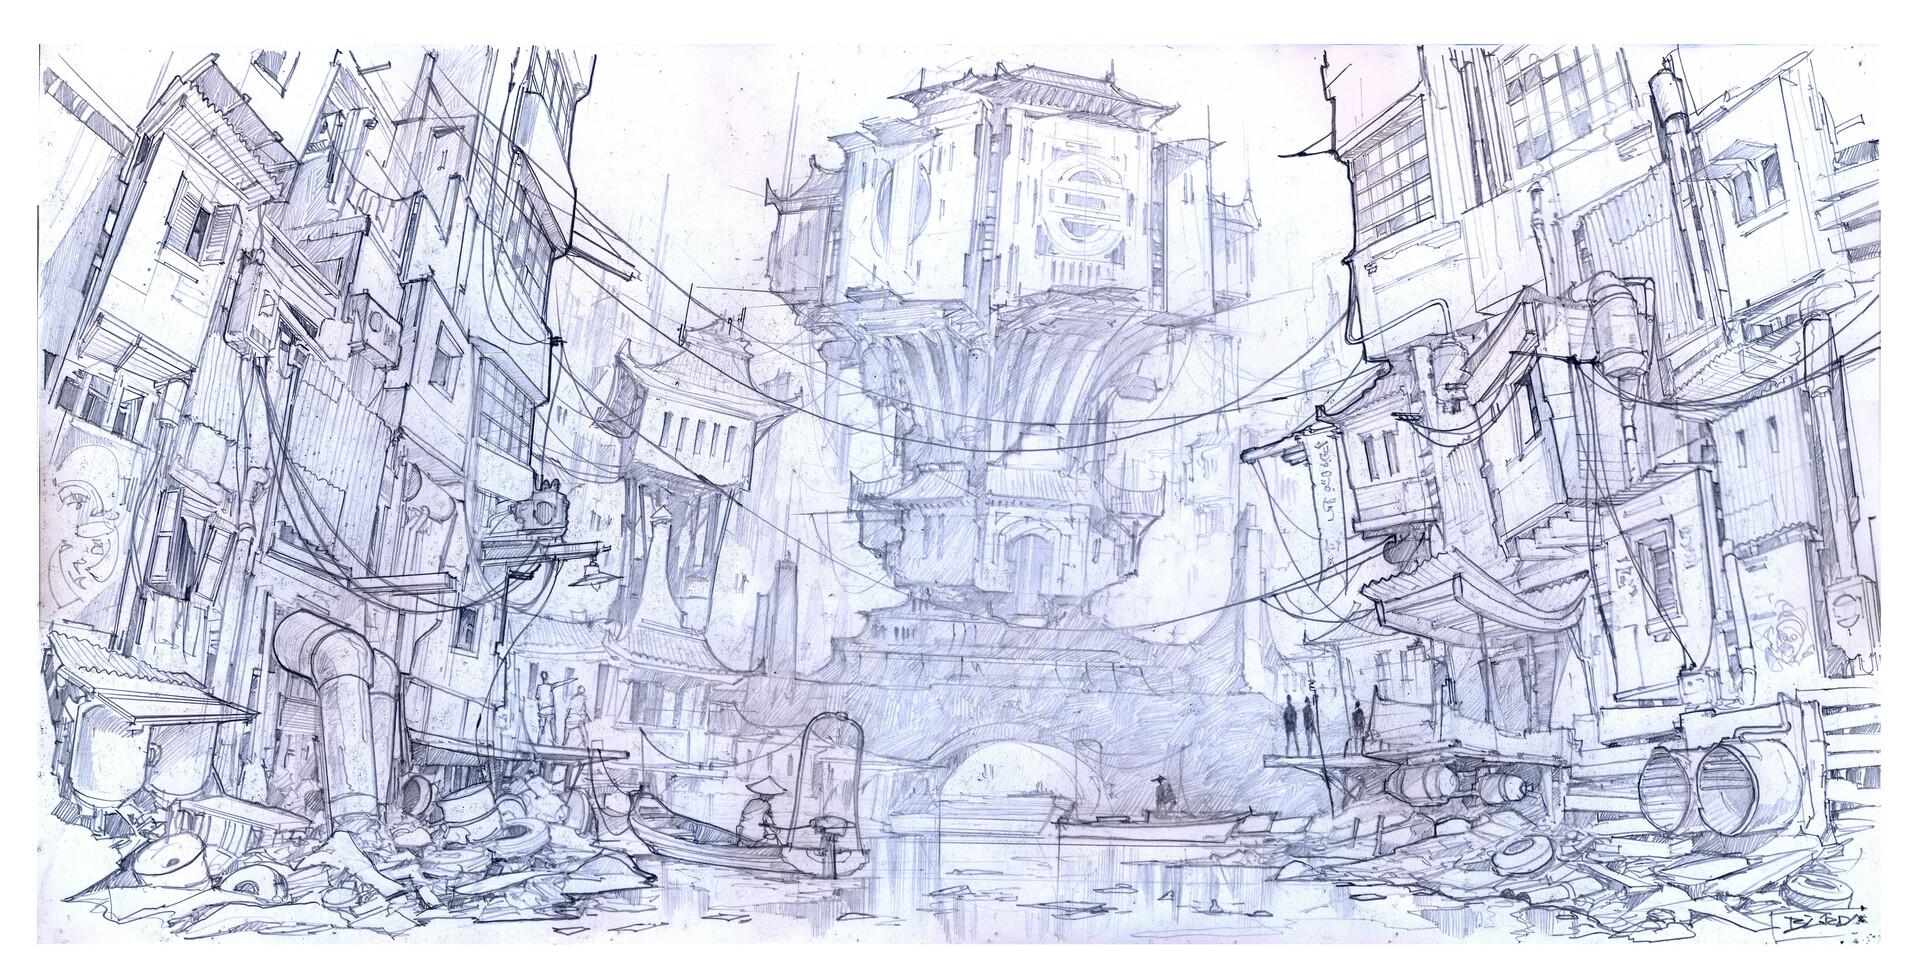 Alejandro burdisio blackburns tower jungle city sketch 3